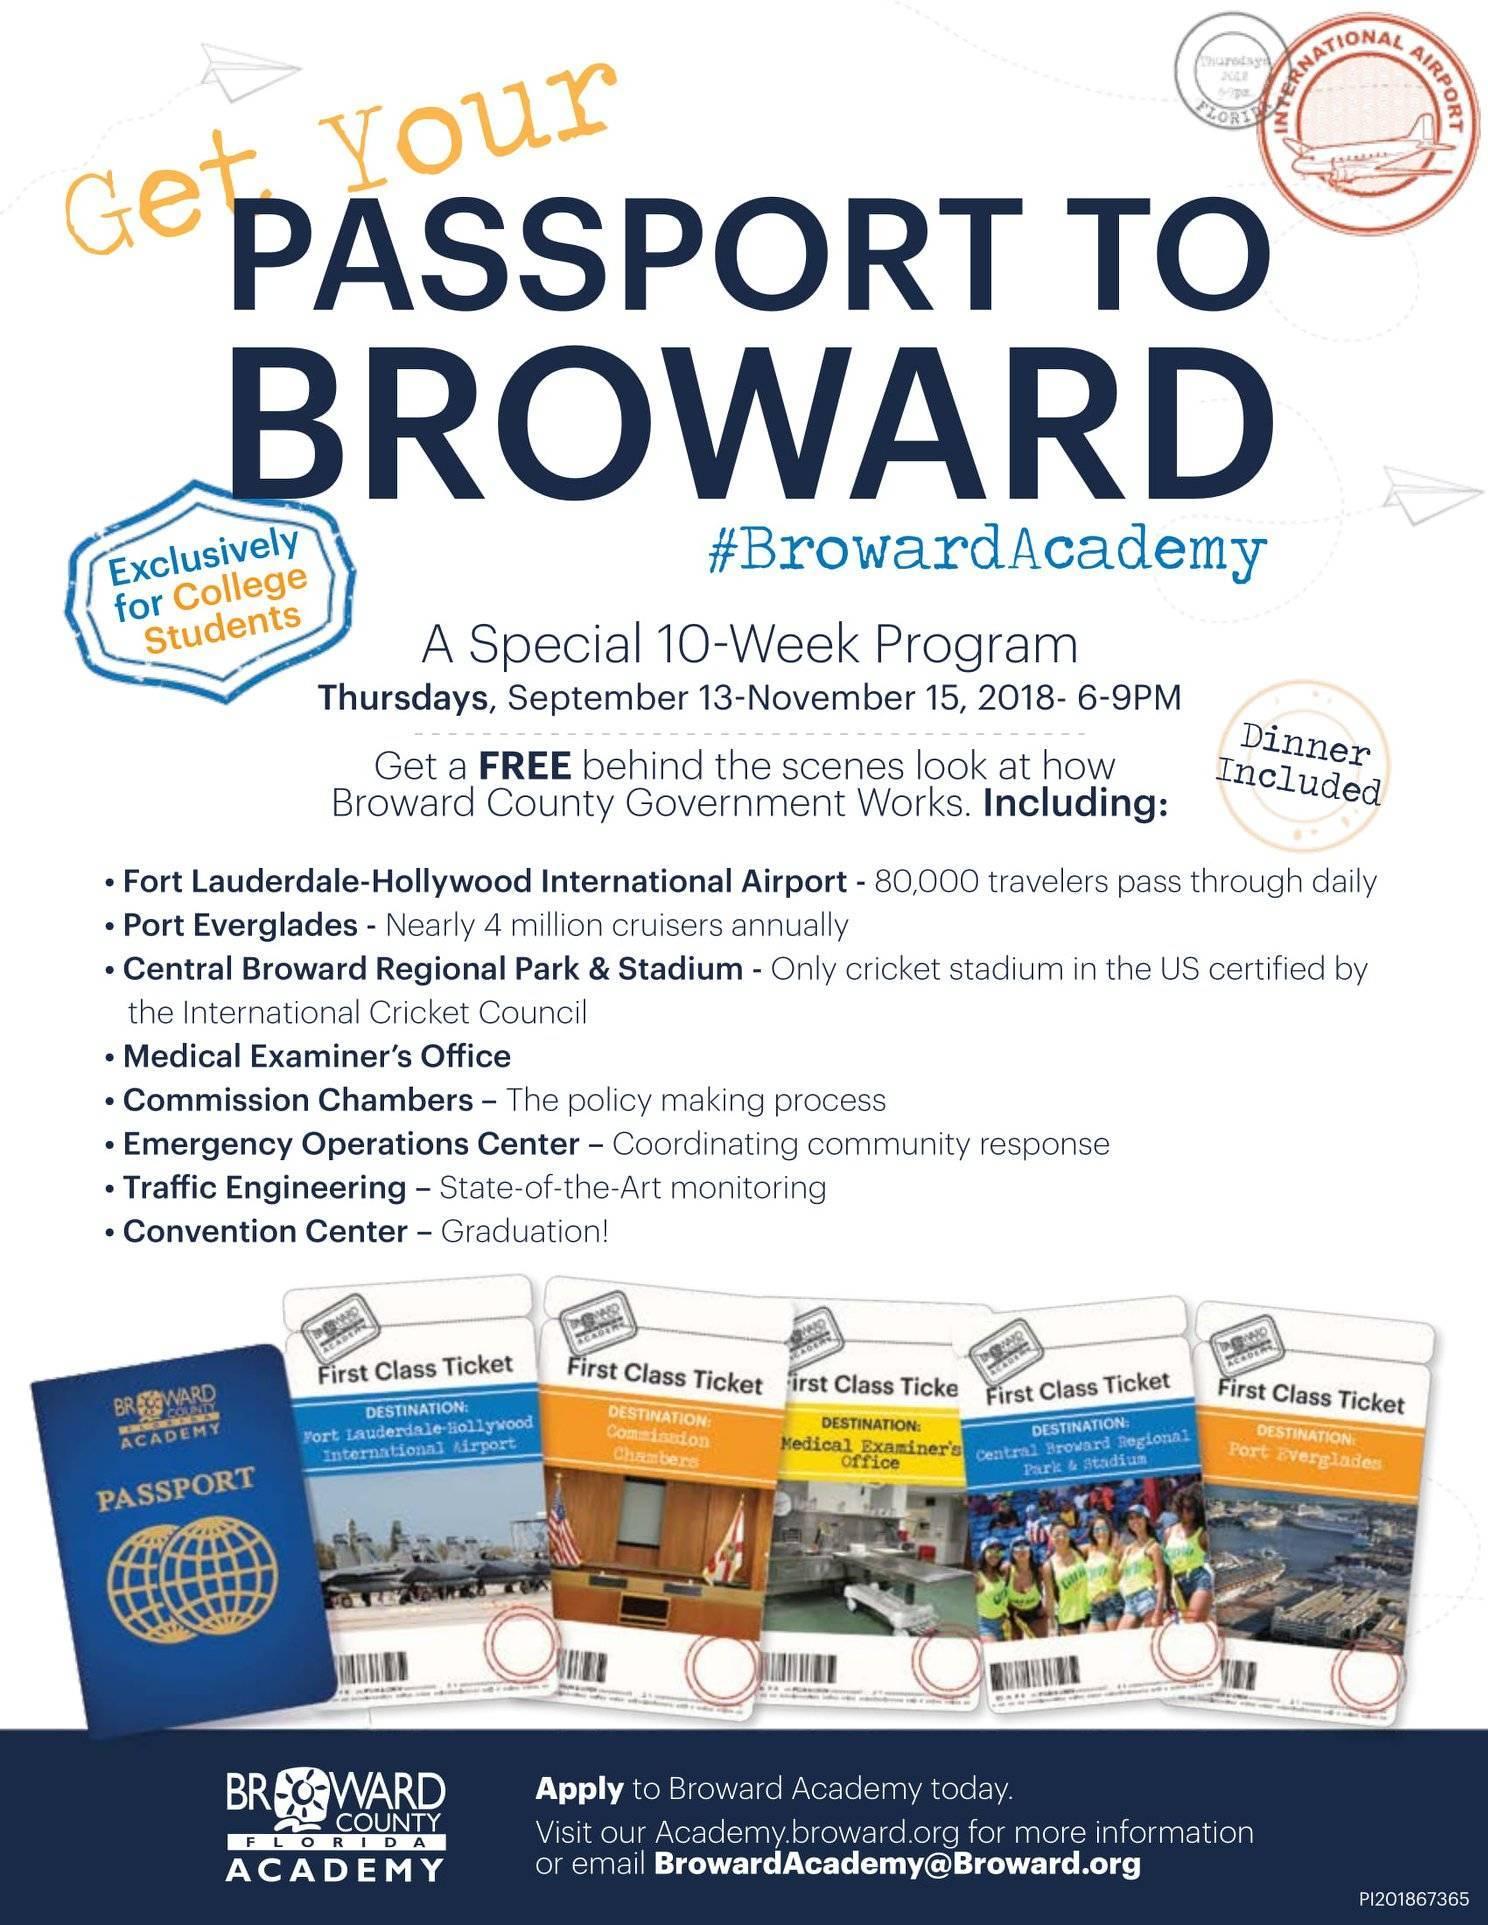 be382db729ffff62d96d_passport.jpg